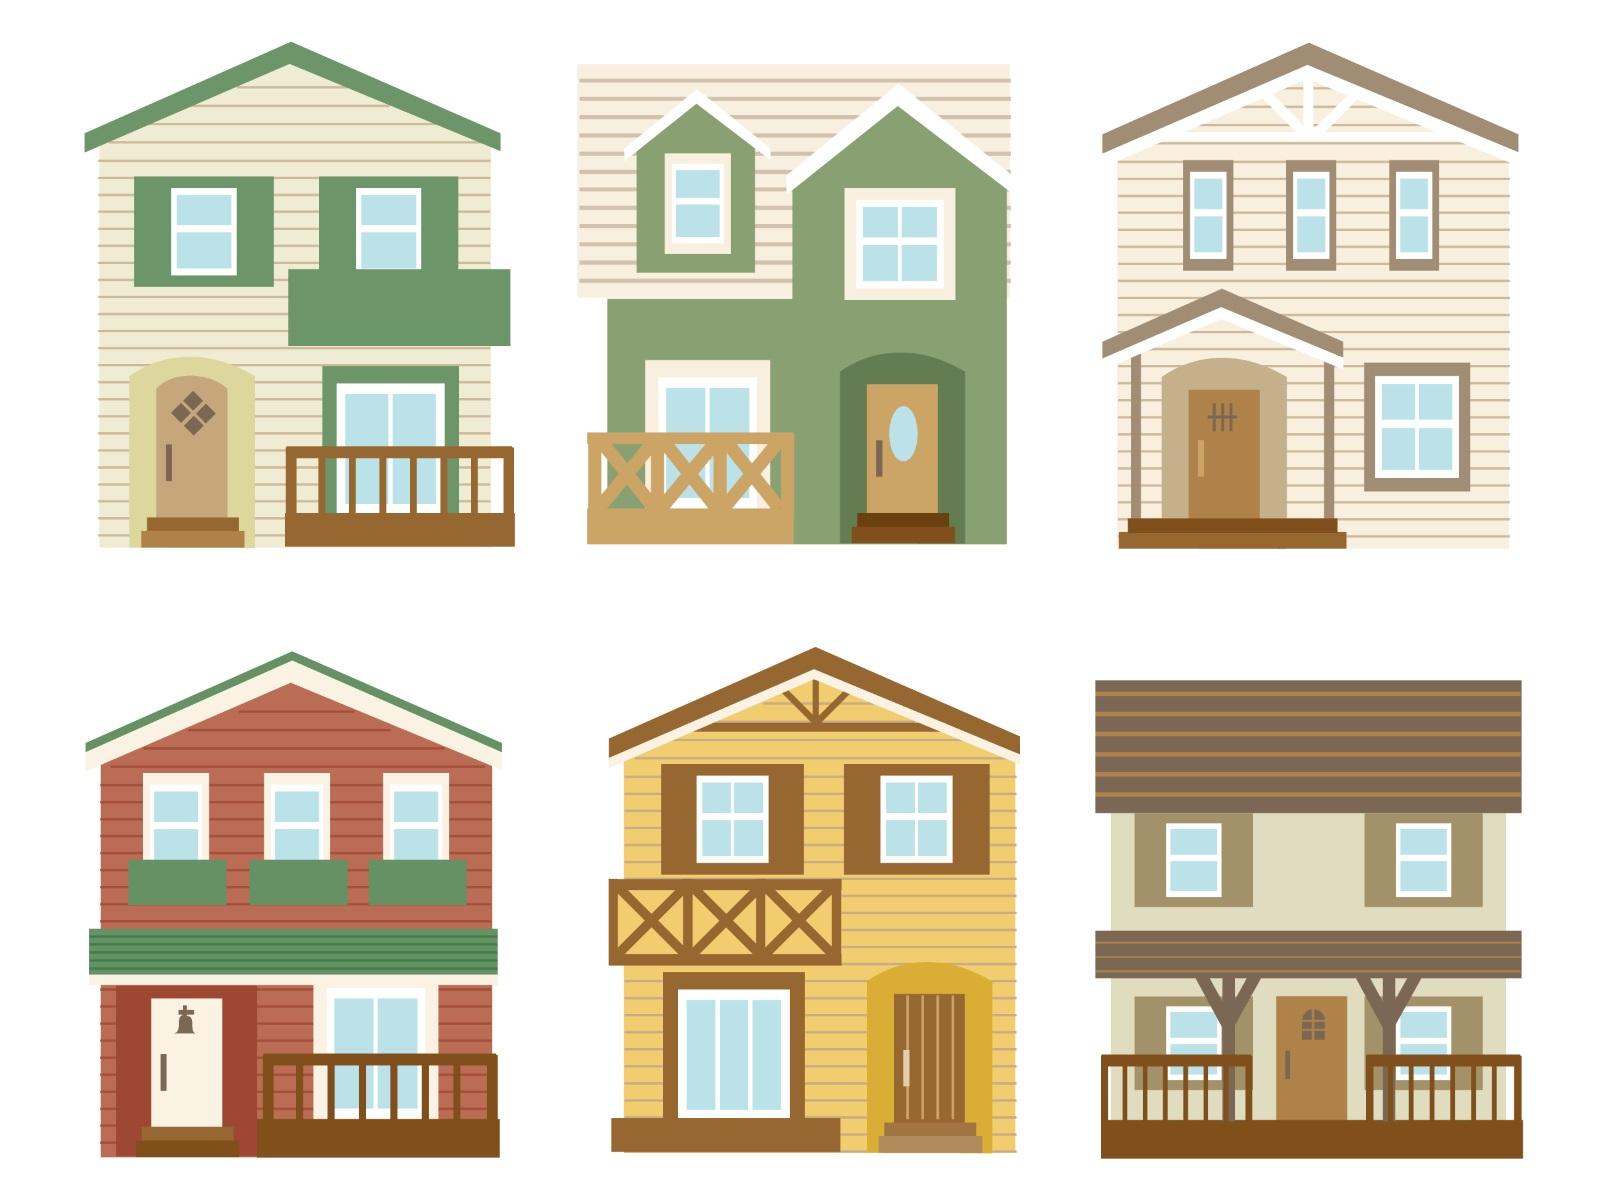 家が並んだイラスト